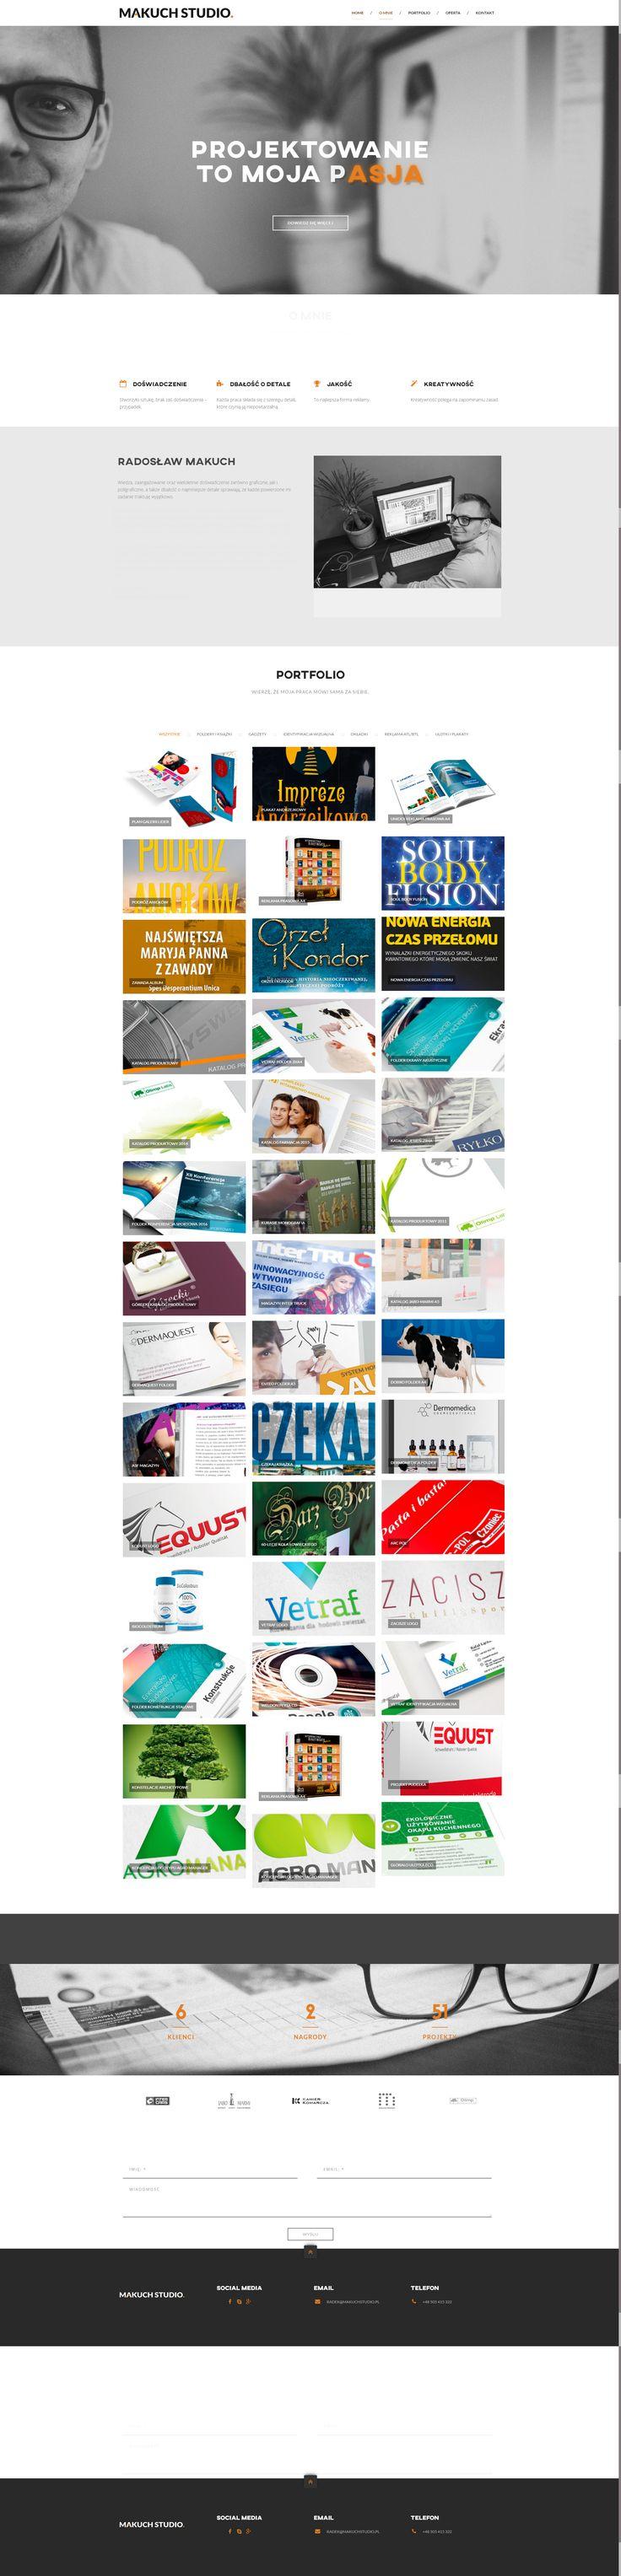 Makuch Studio - strona internetowa #wordpress #stronywww